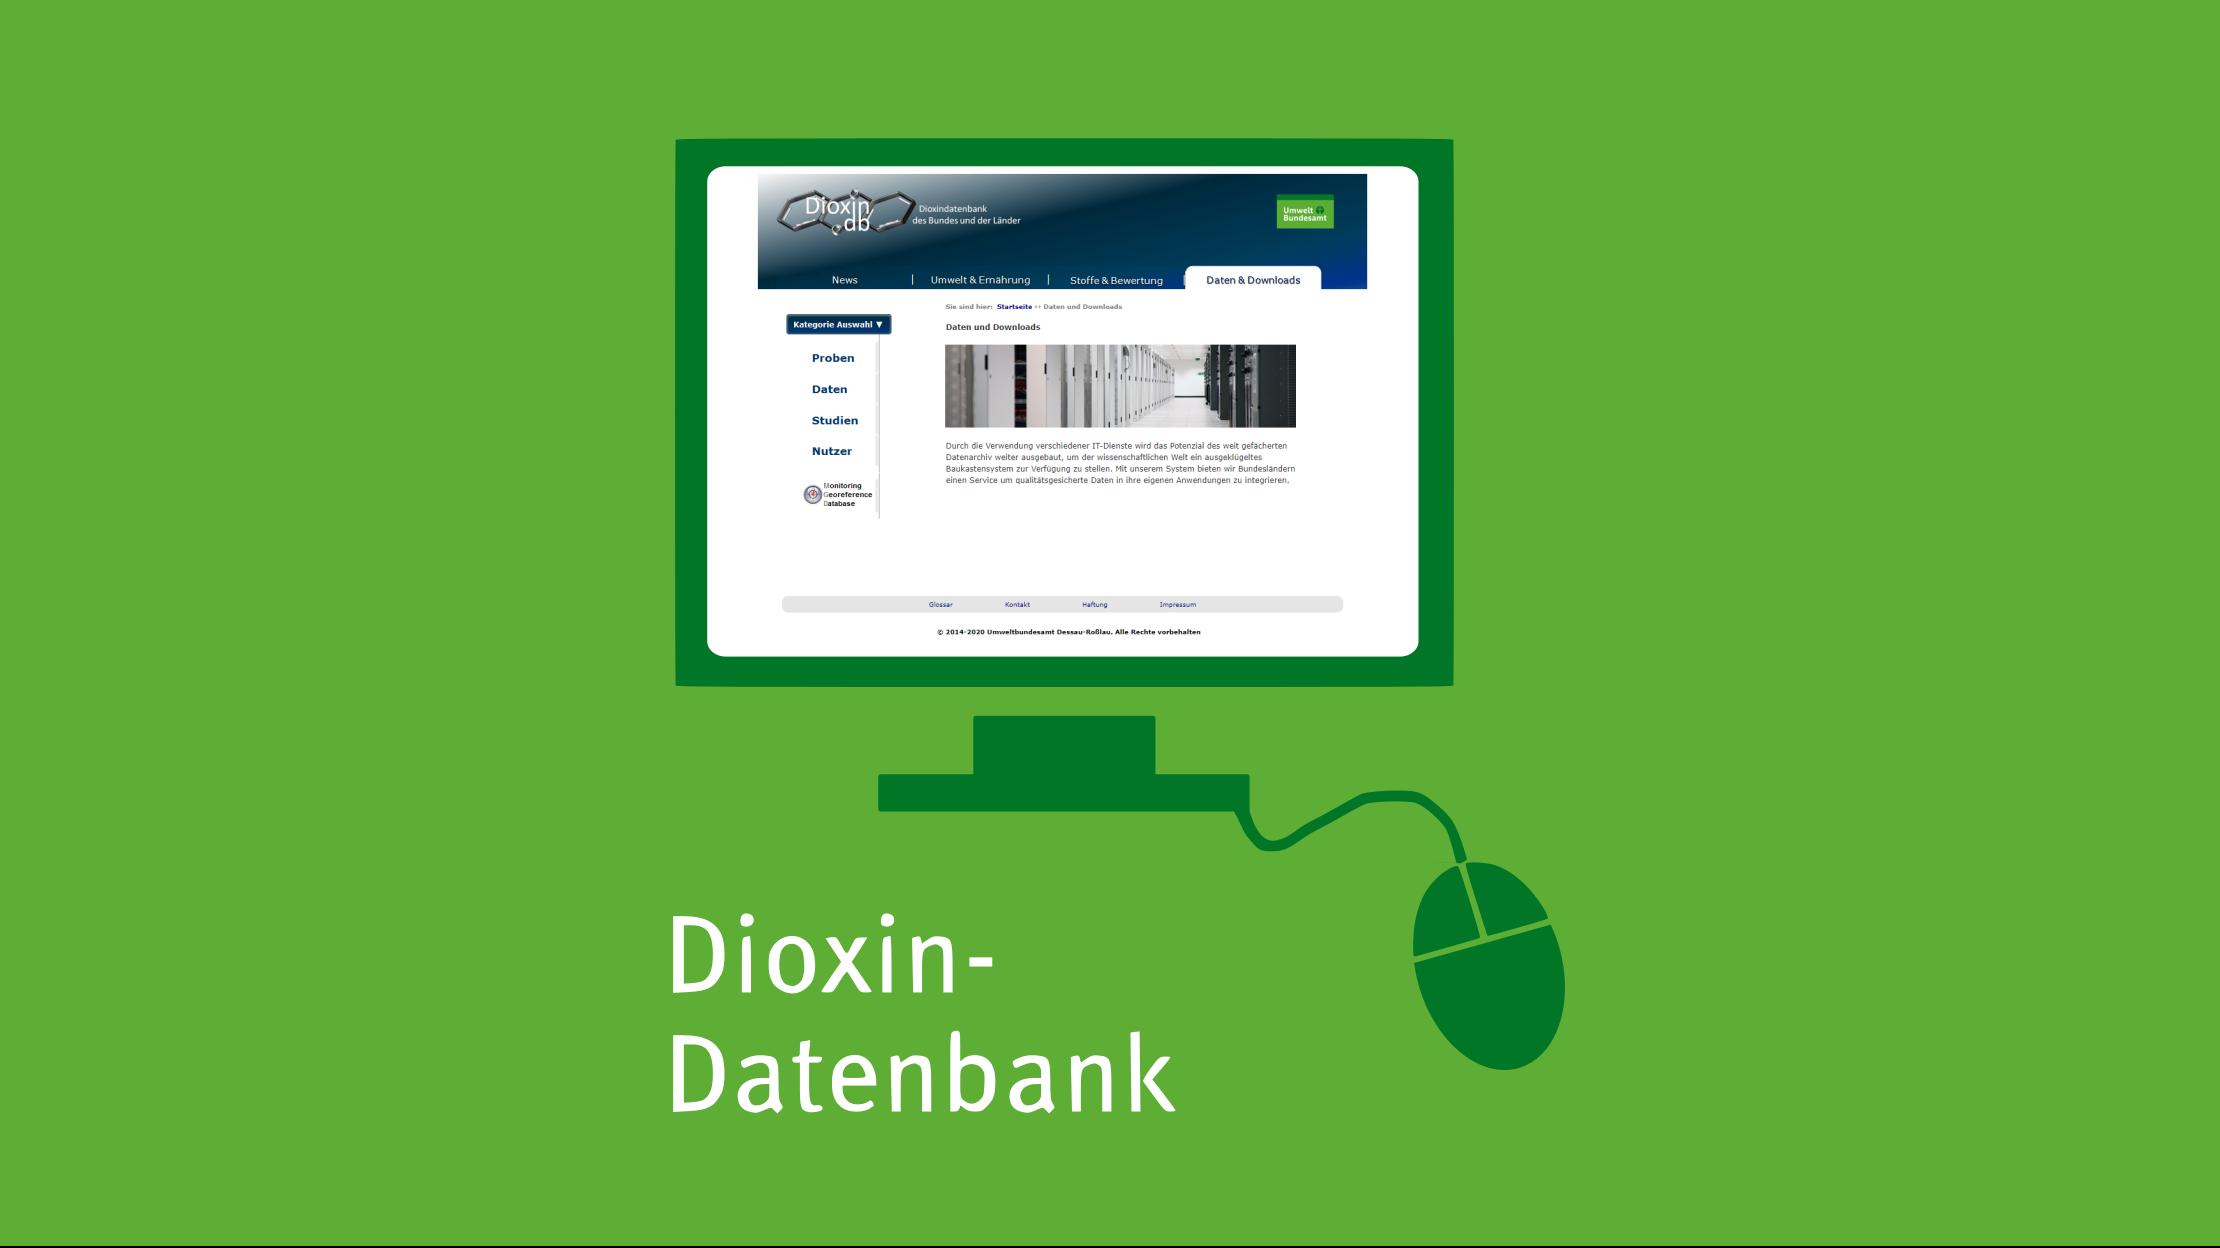 Ein Klick aufs Bild führt Sie zur verlinkten Dioxin-Datenbank-Website.